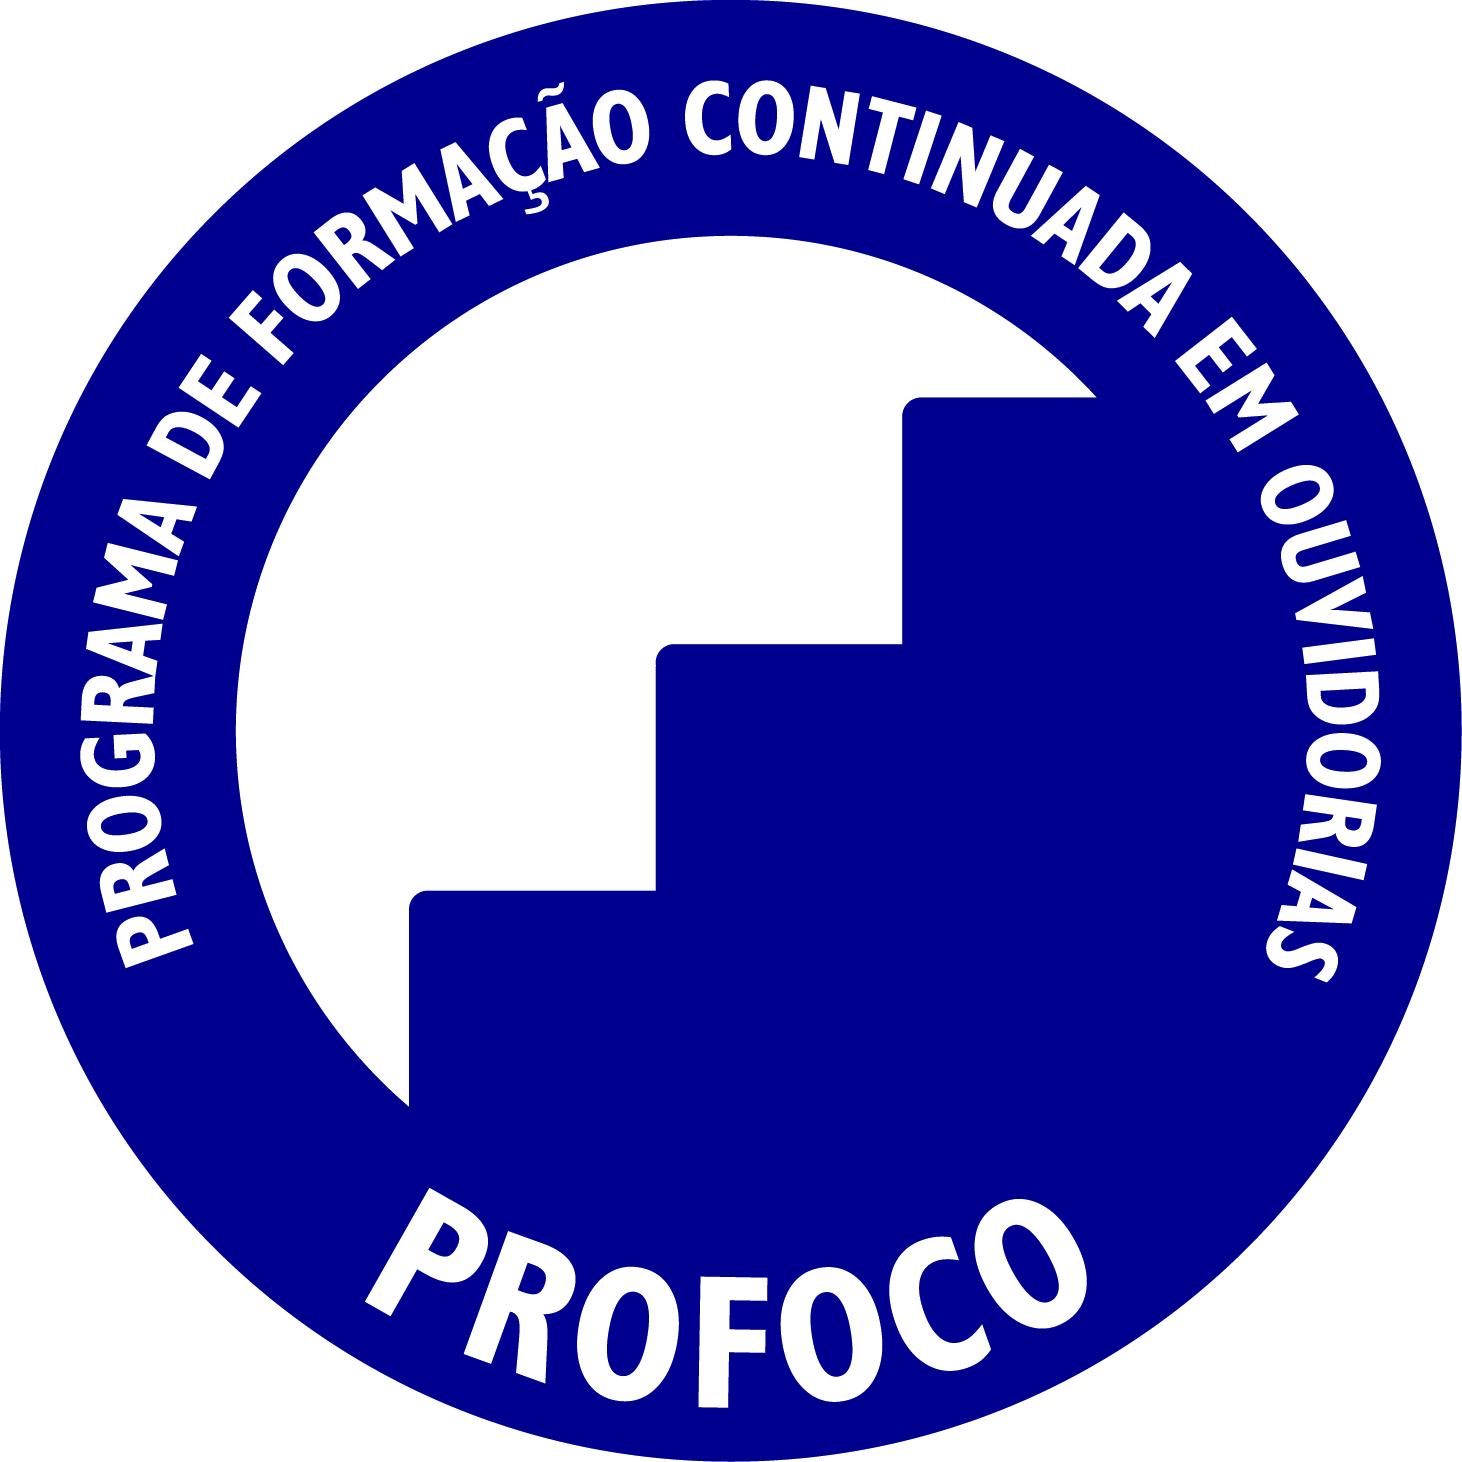 Curso Tratamento de Denúncias em Ouvidoria, no período de 7 a 9 de agosto de 2018, na cidade de Recife/PE